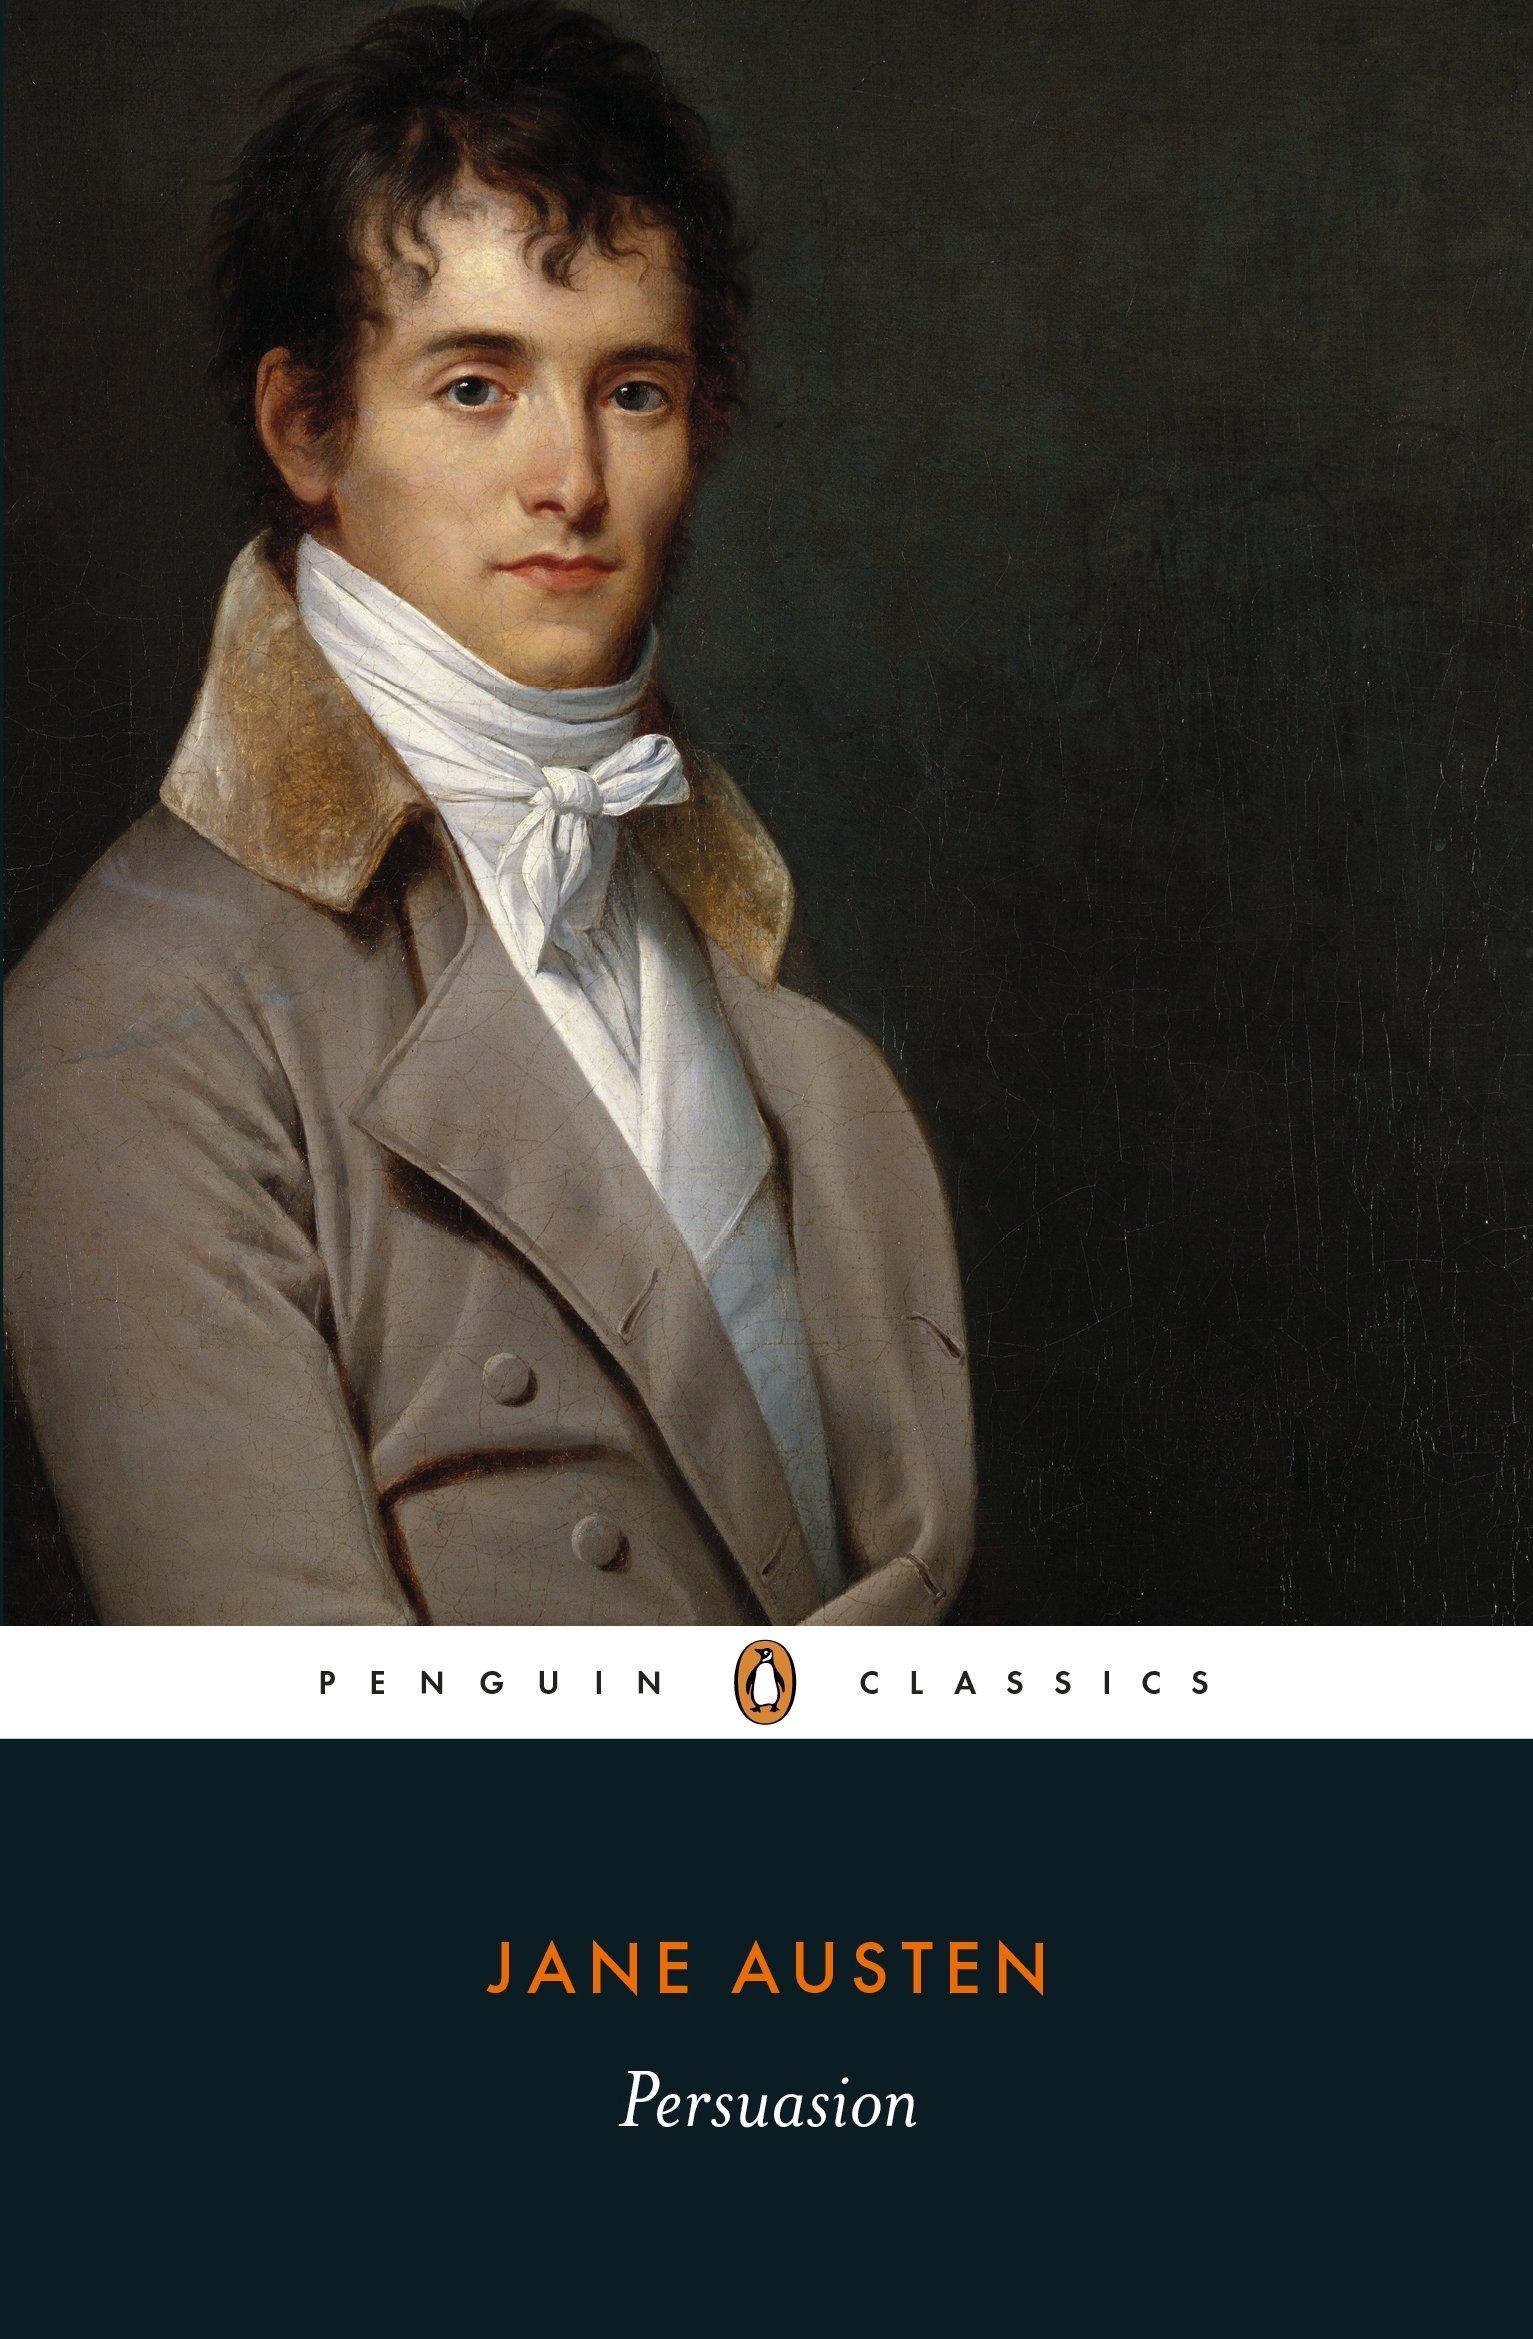 Persuasion Penguin Classics Jane Austen product image